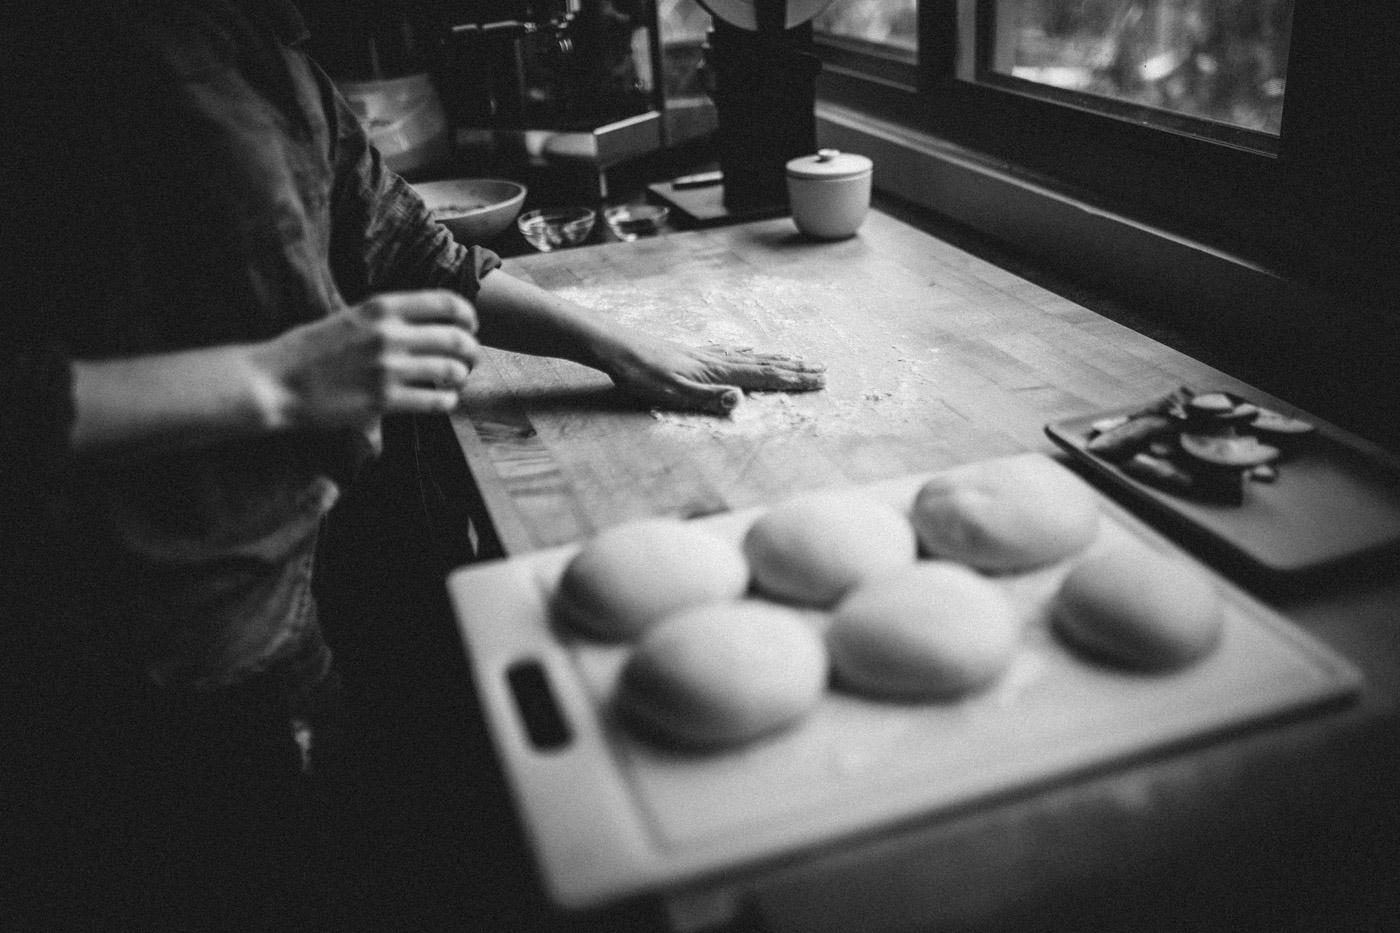 Garlic and sumac flatbread